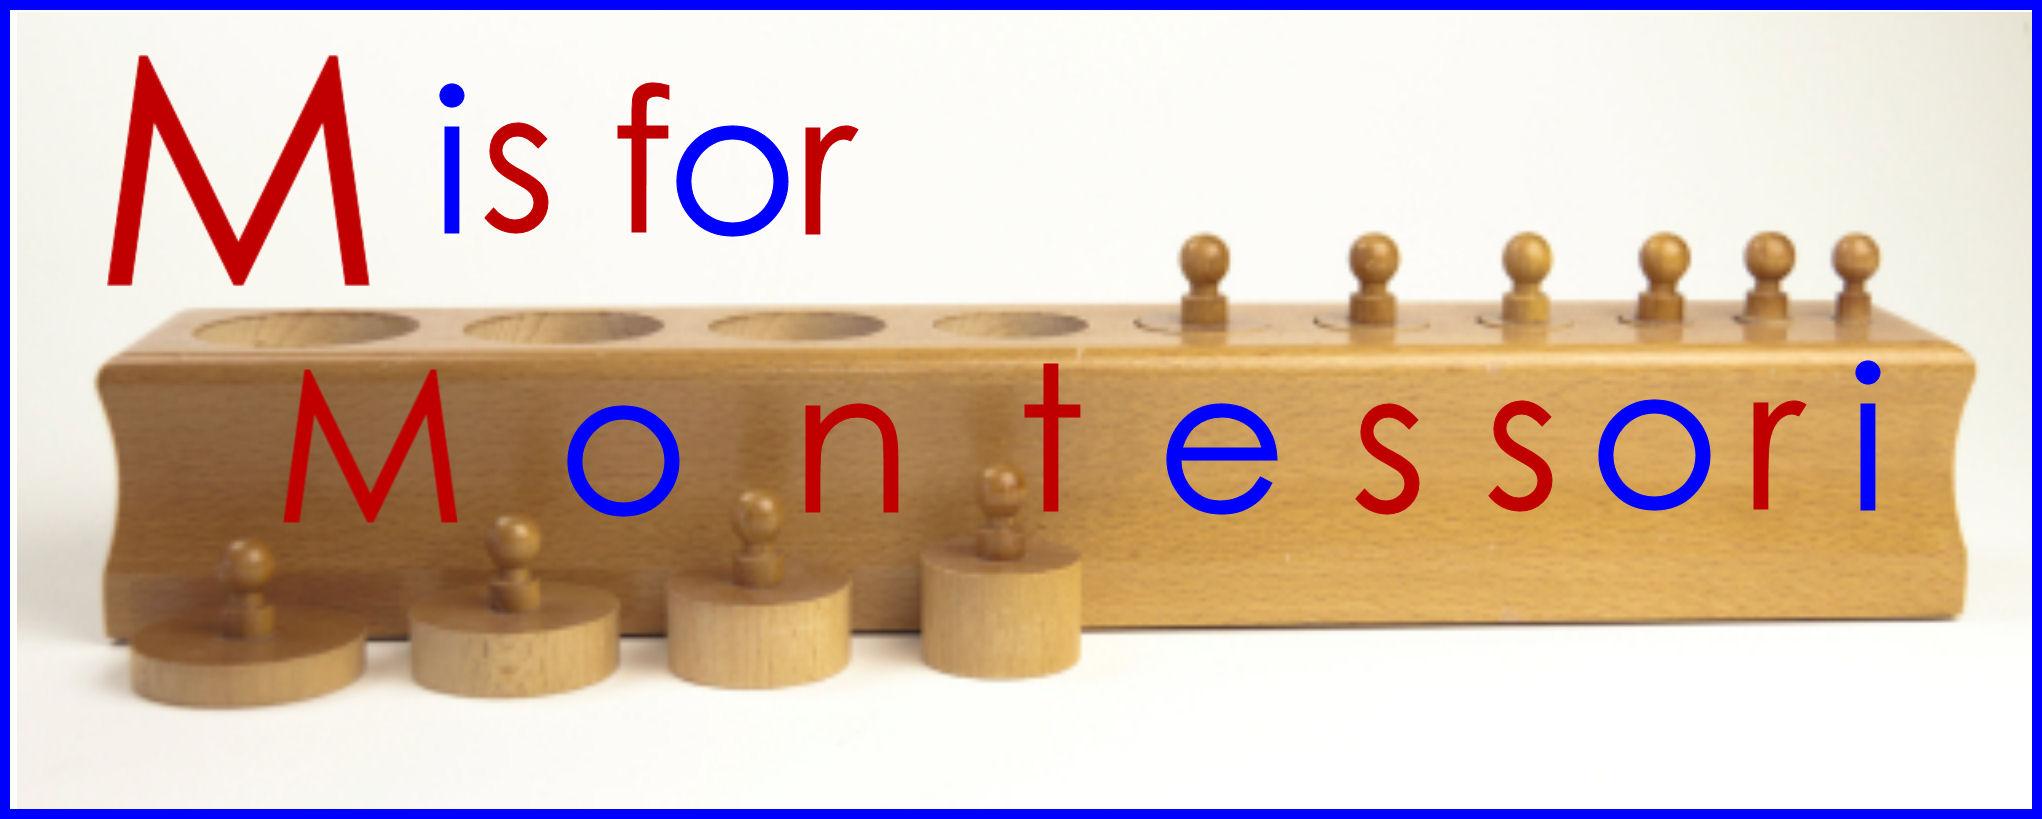 Montessori clipart - Clipground